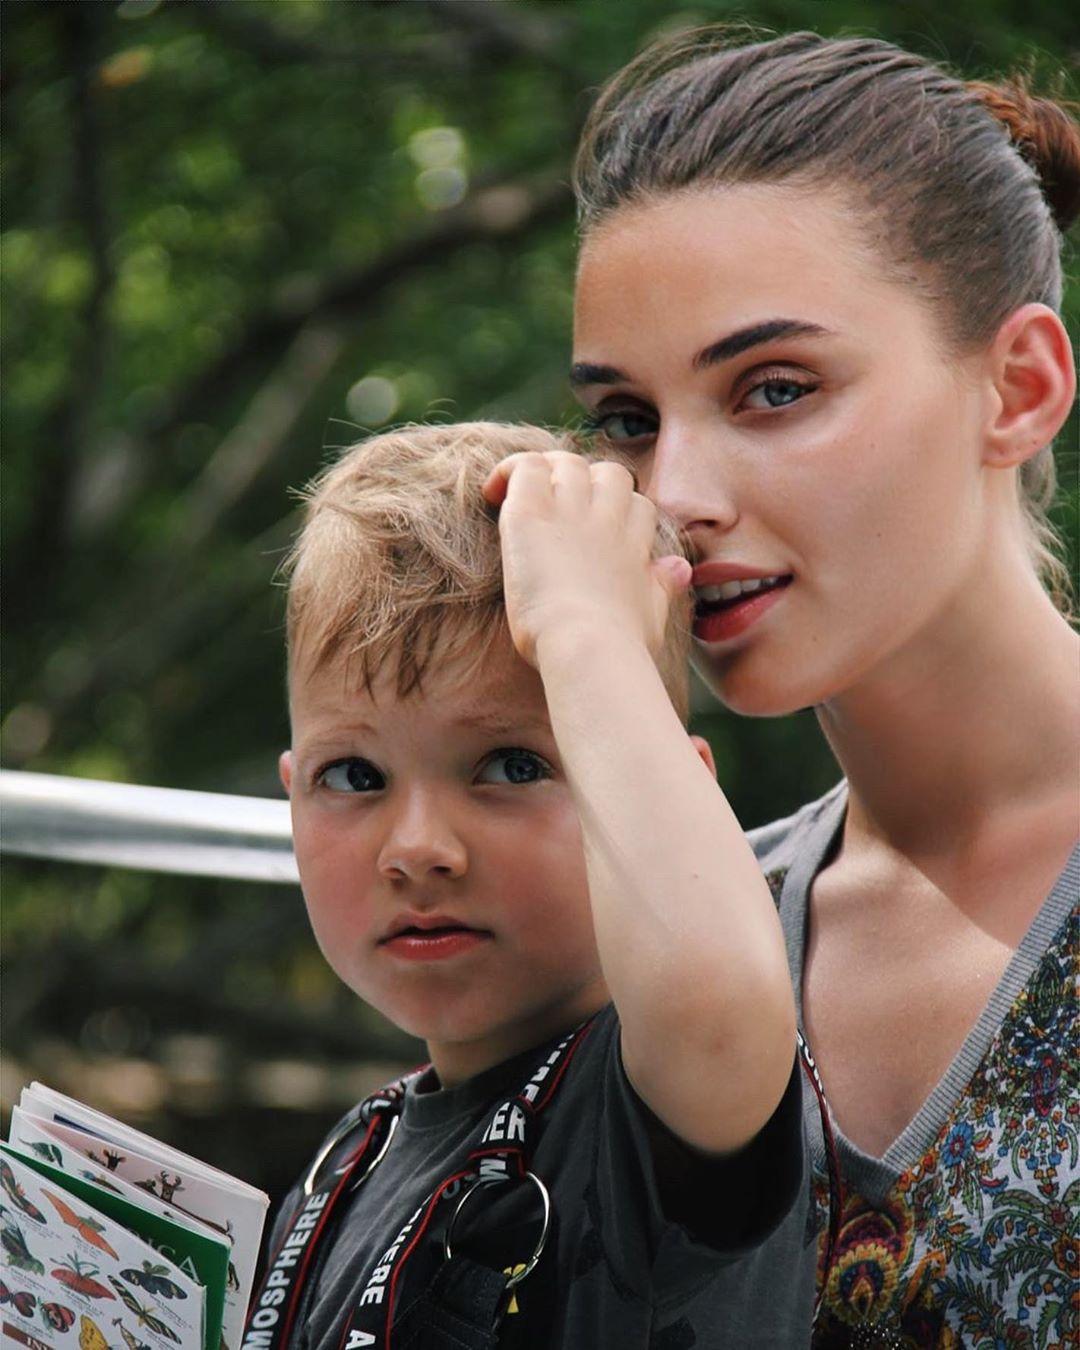 烏克蘭小姐「離婚有小孩」被拔后冠 她開告怒控:這是歧視!